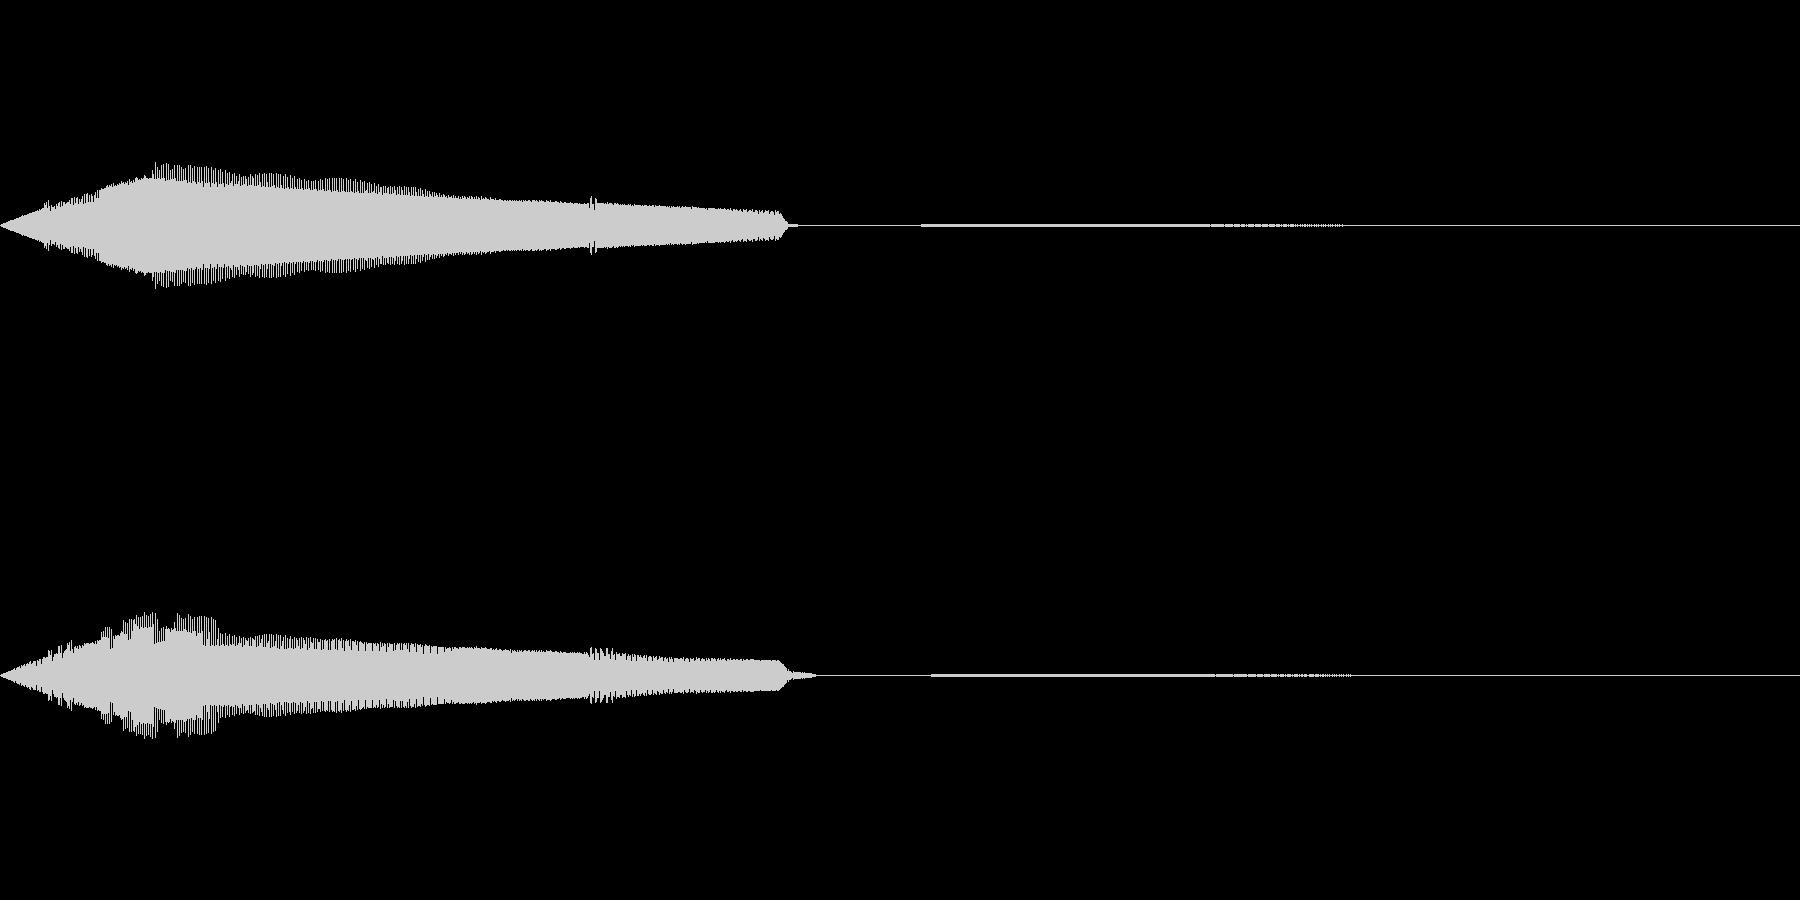 選択(8bit風)の未再生の波形